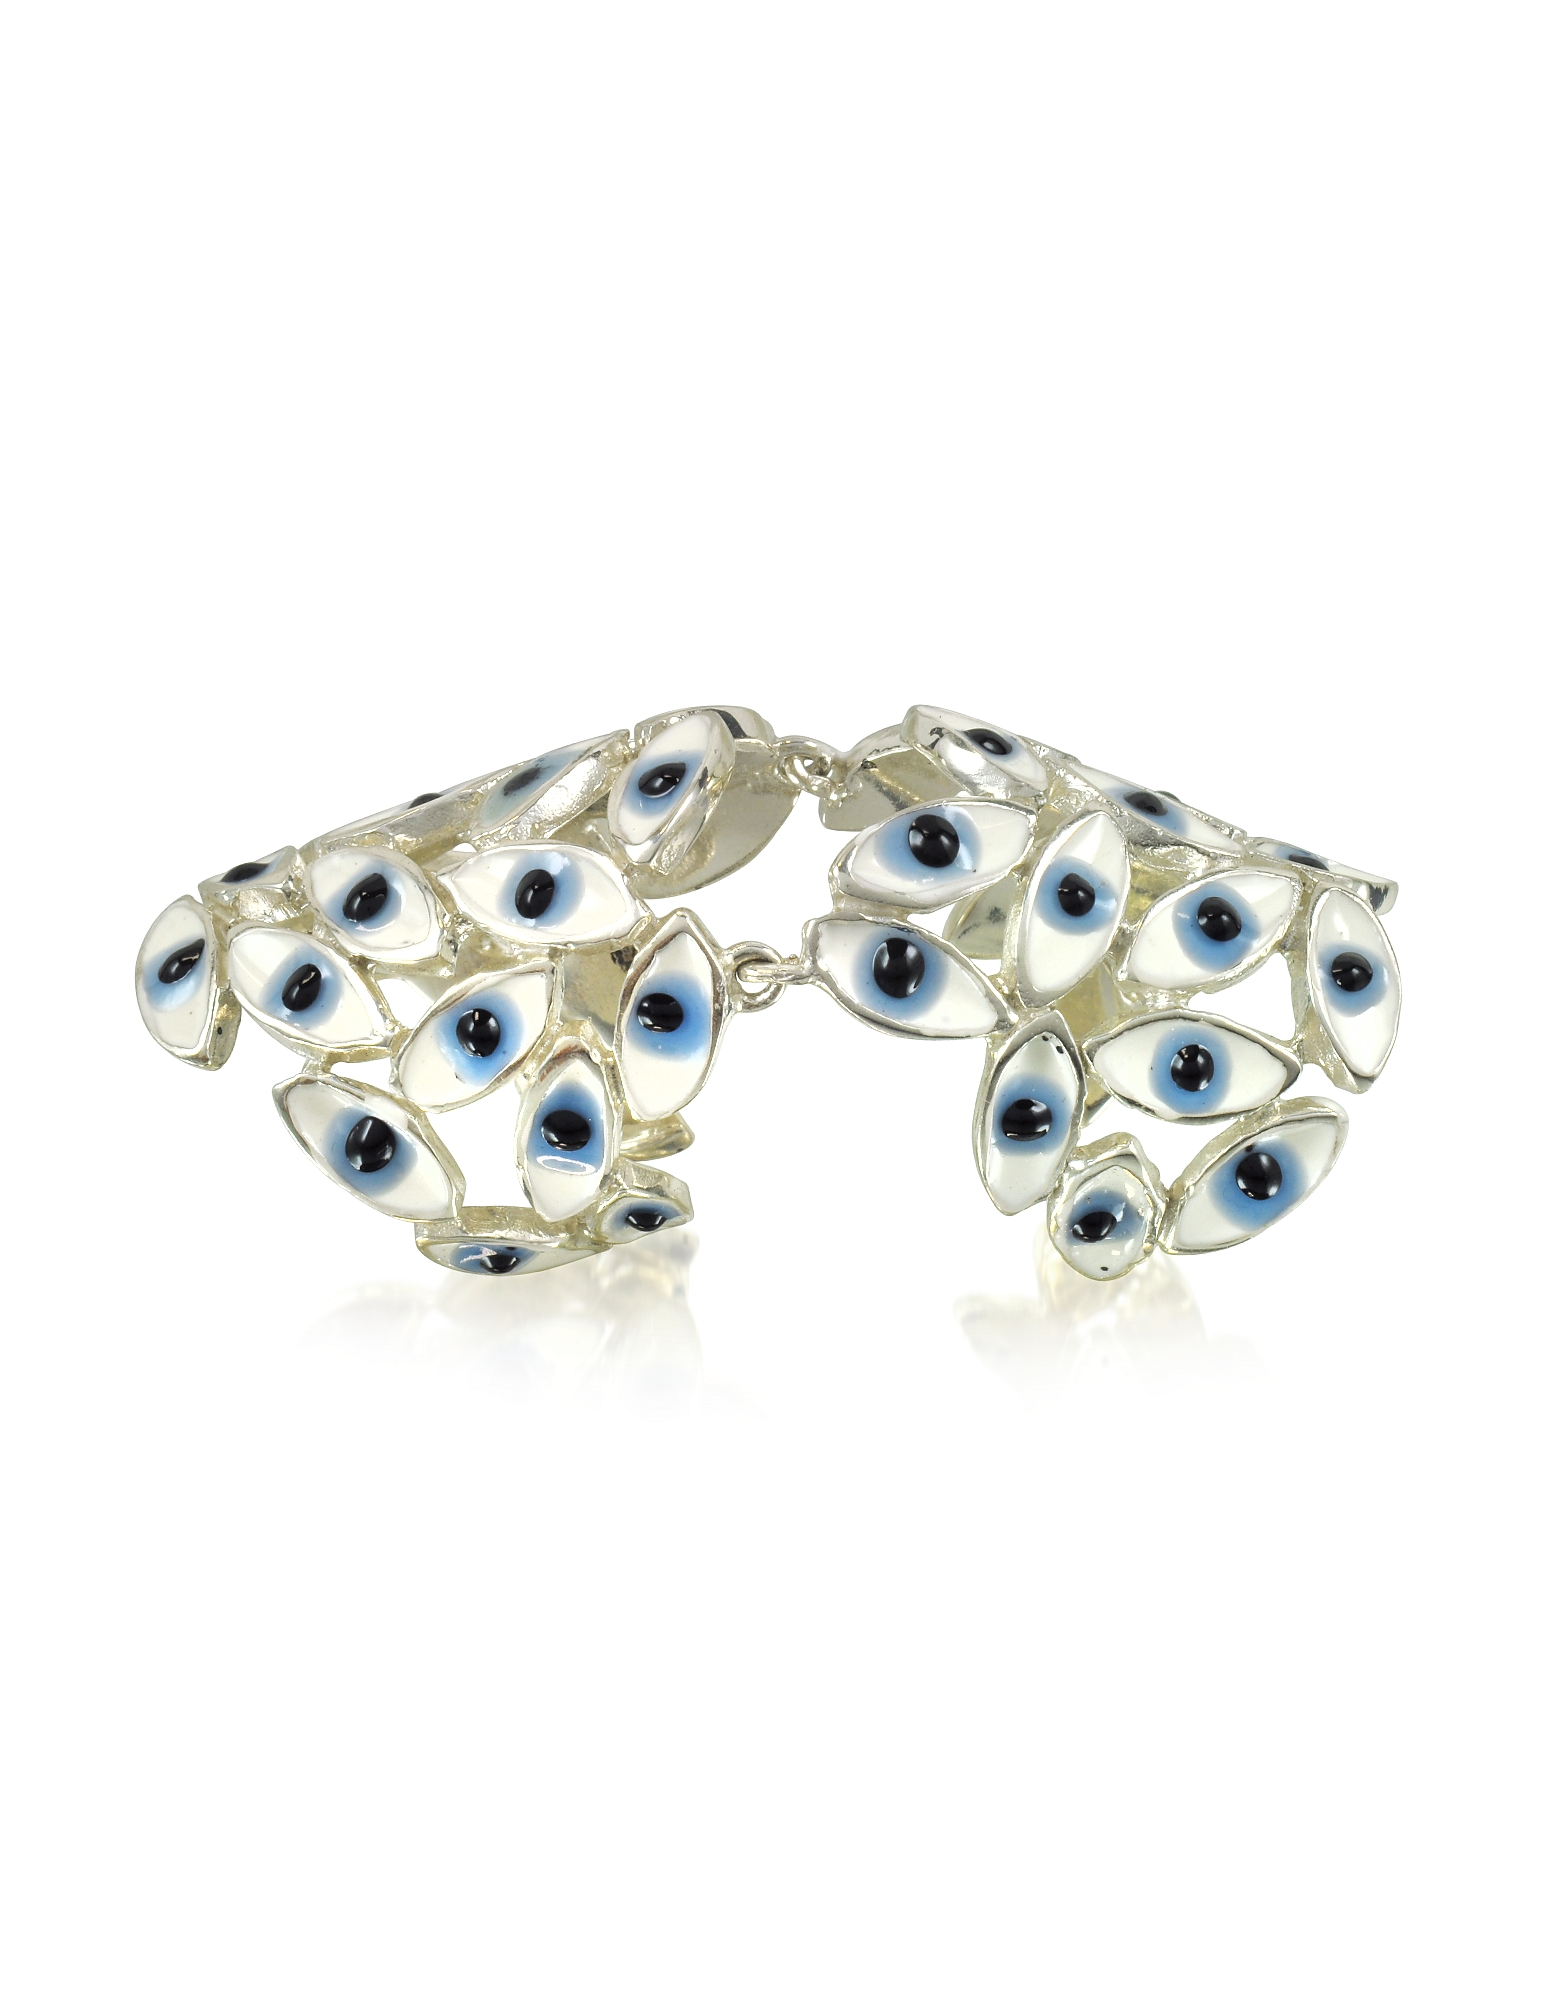 Anello Articolato in Argento con Occhi Blu